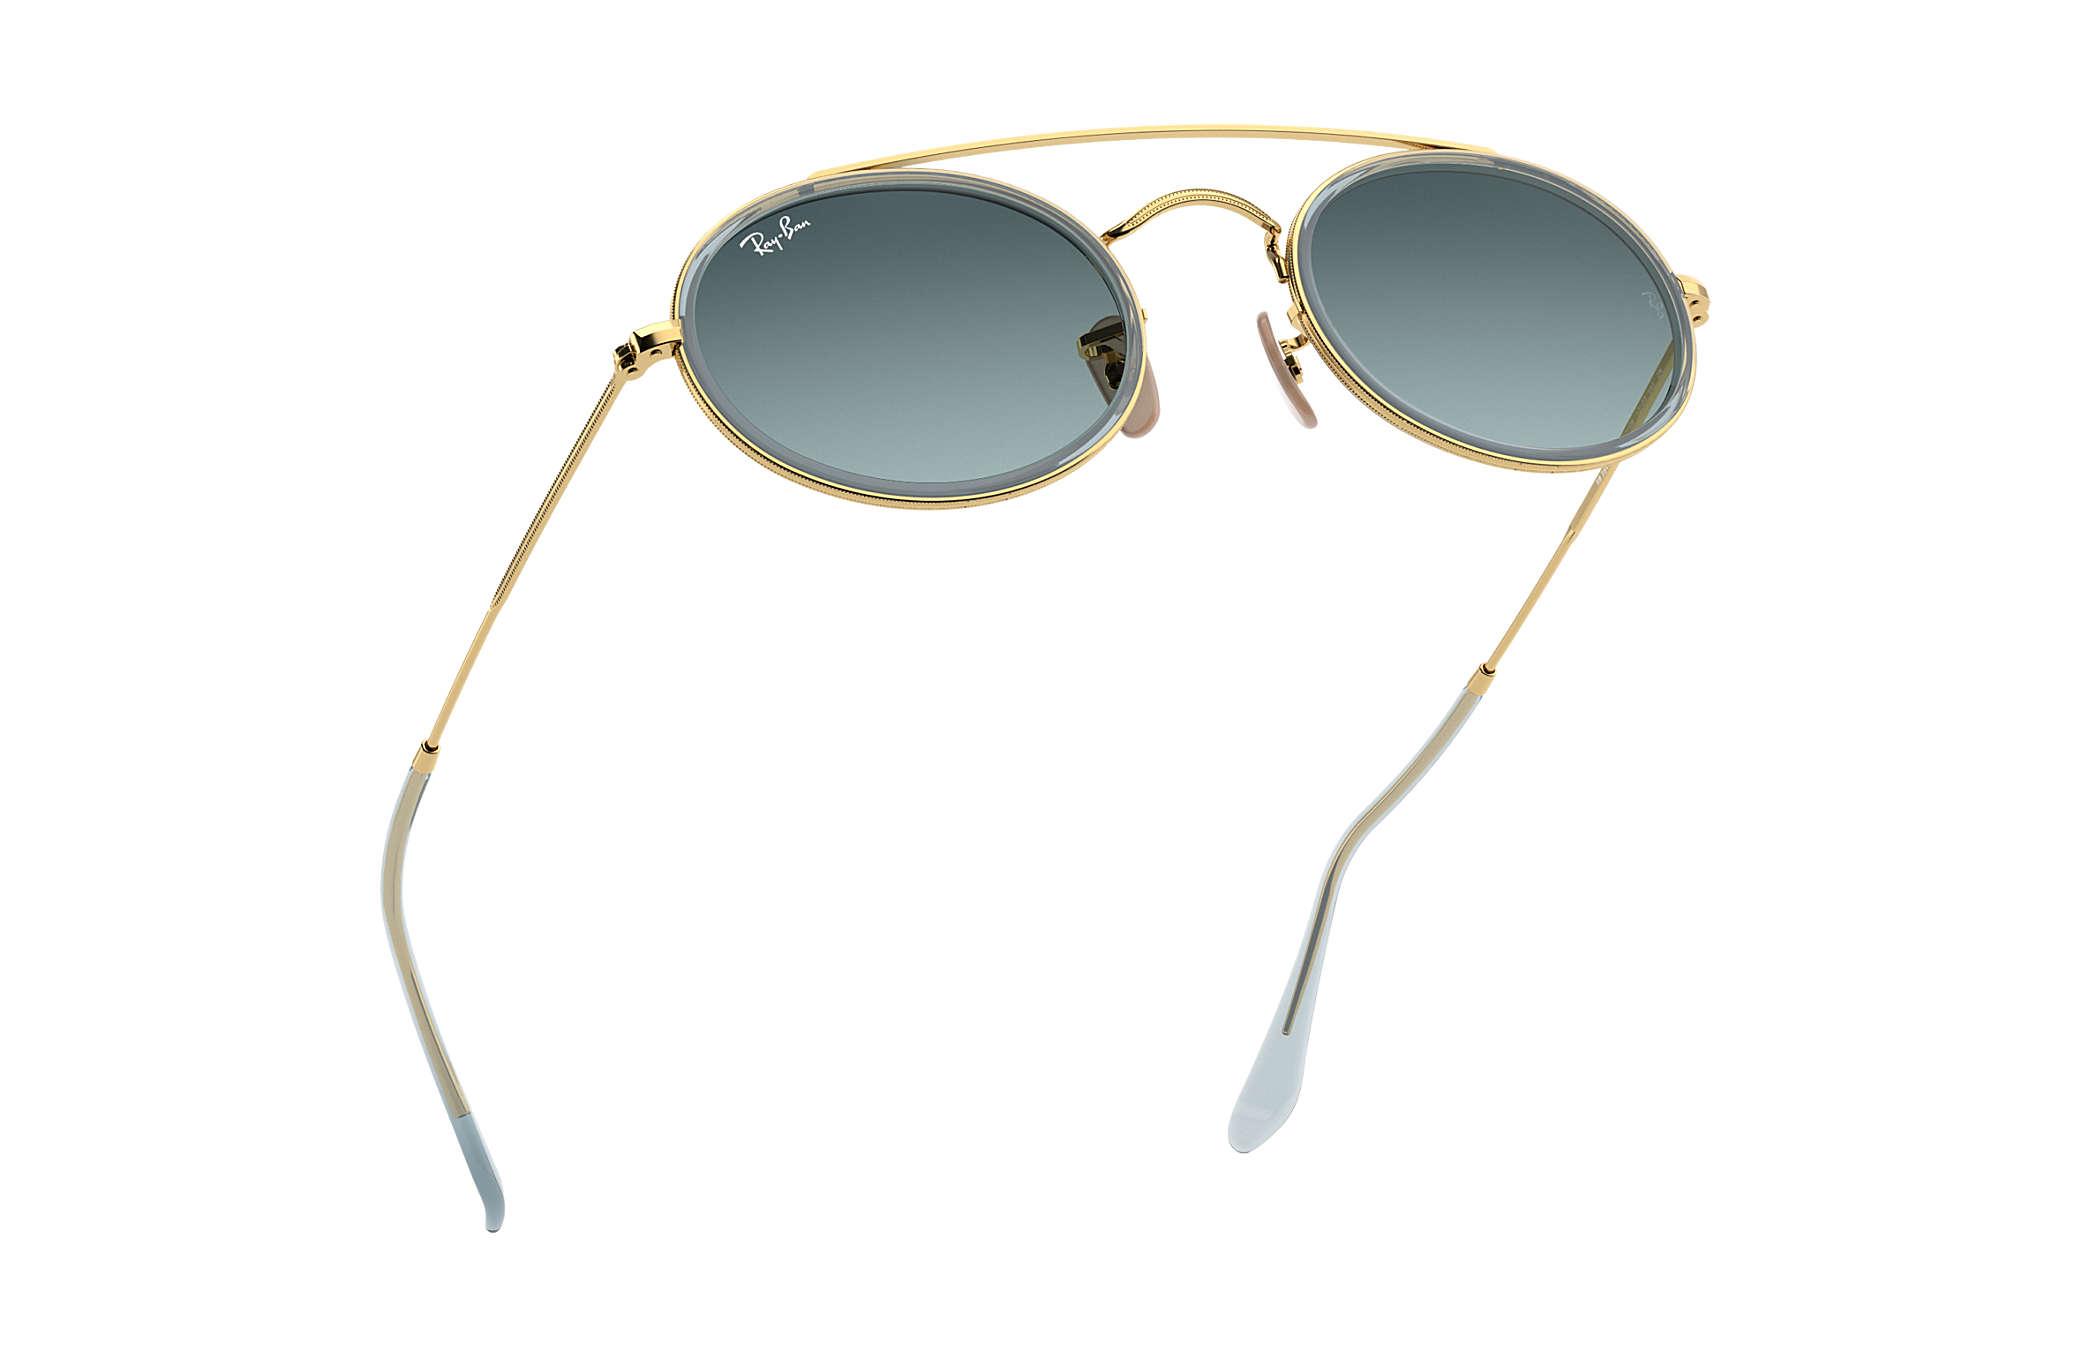 18b2f5b9d9f Ray-Ban Oval Double Bridge RB3847N Gold - Metal - Blue Lenses ...